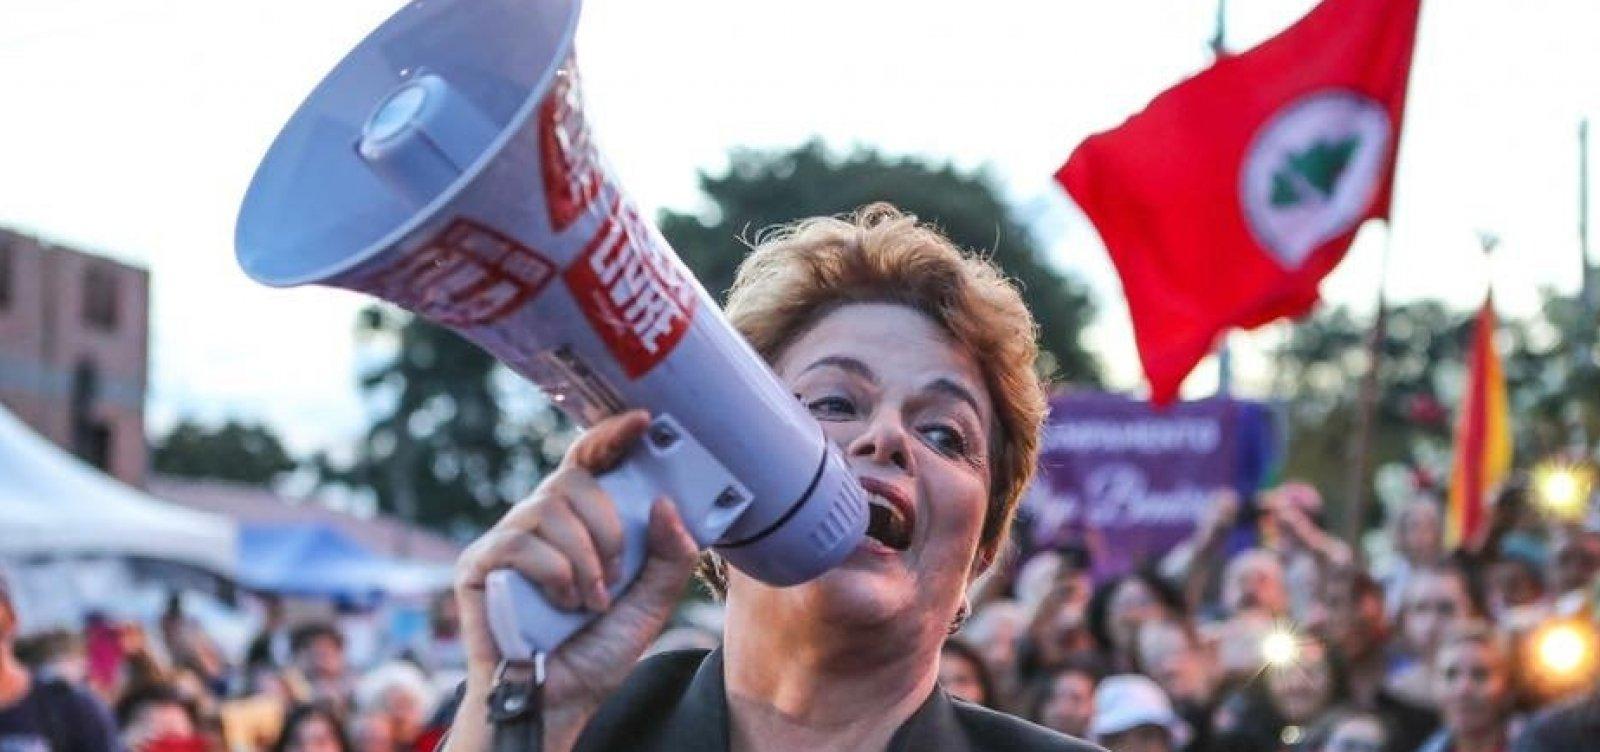 [Candidata ao Senado, Dilma chama Bolsonaro de 'coiso' e Temer de 'usurpador']